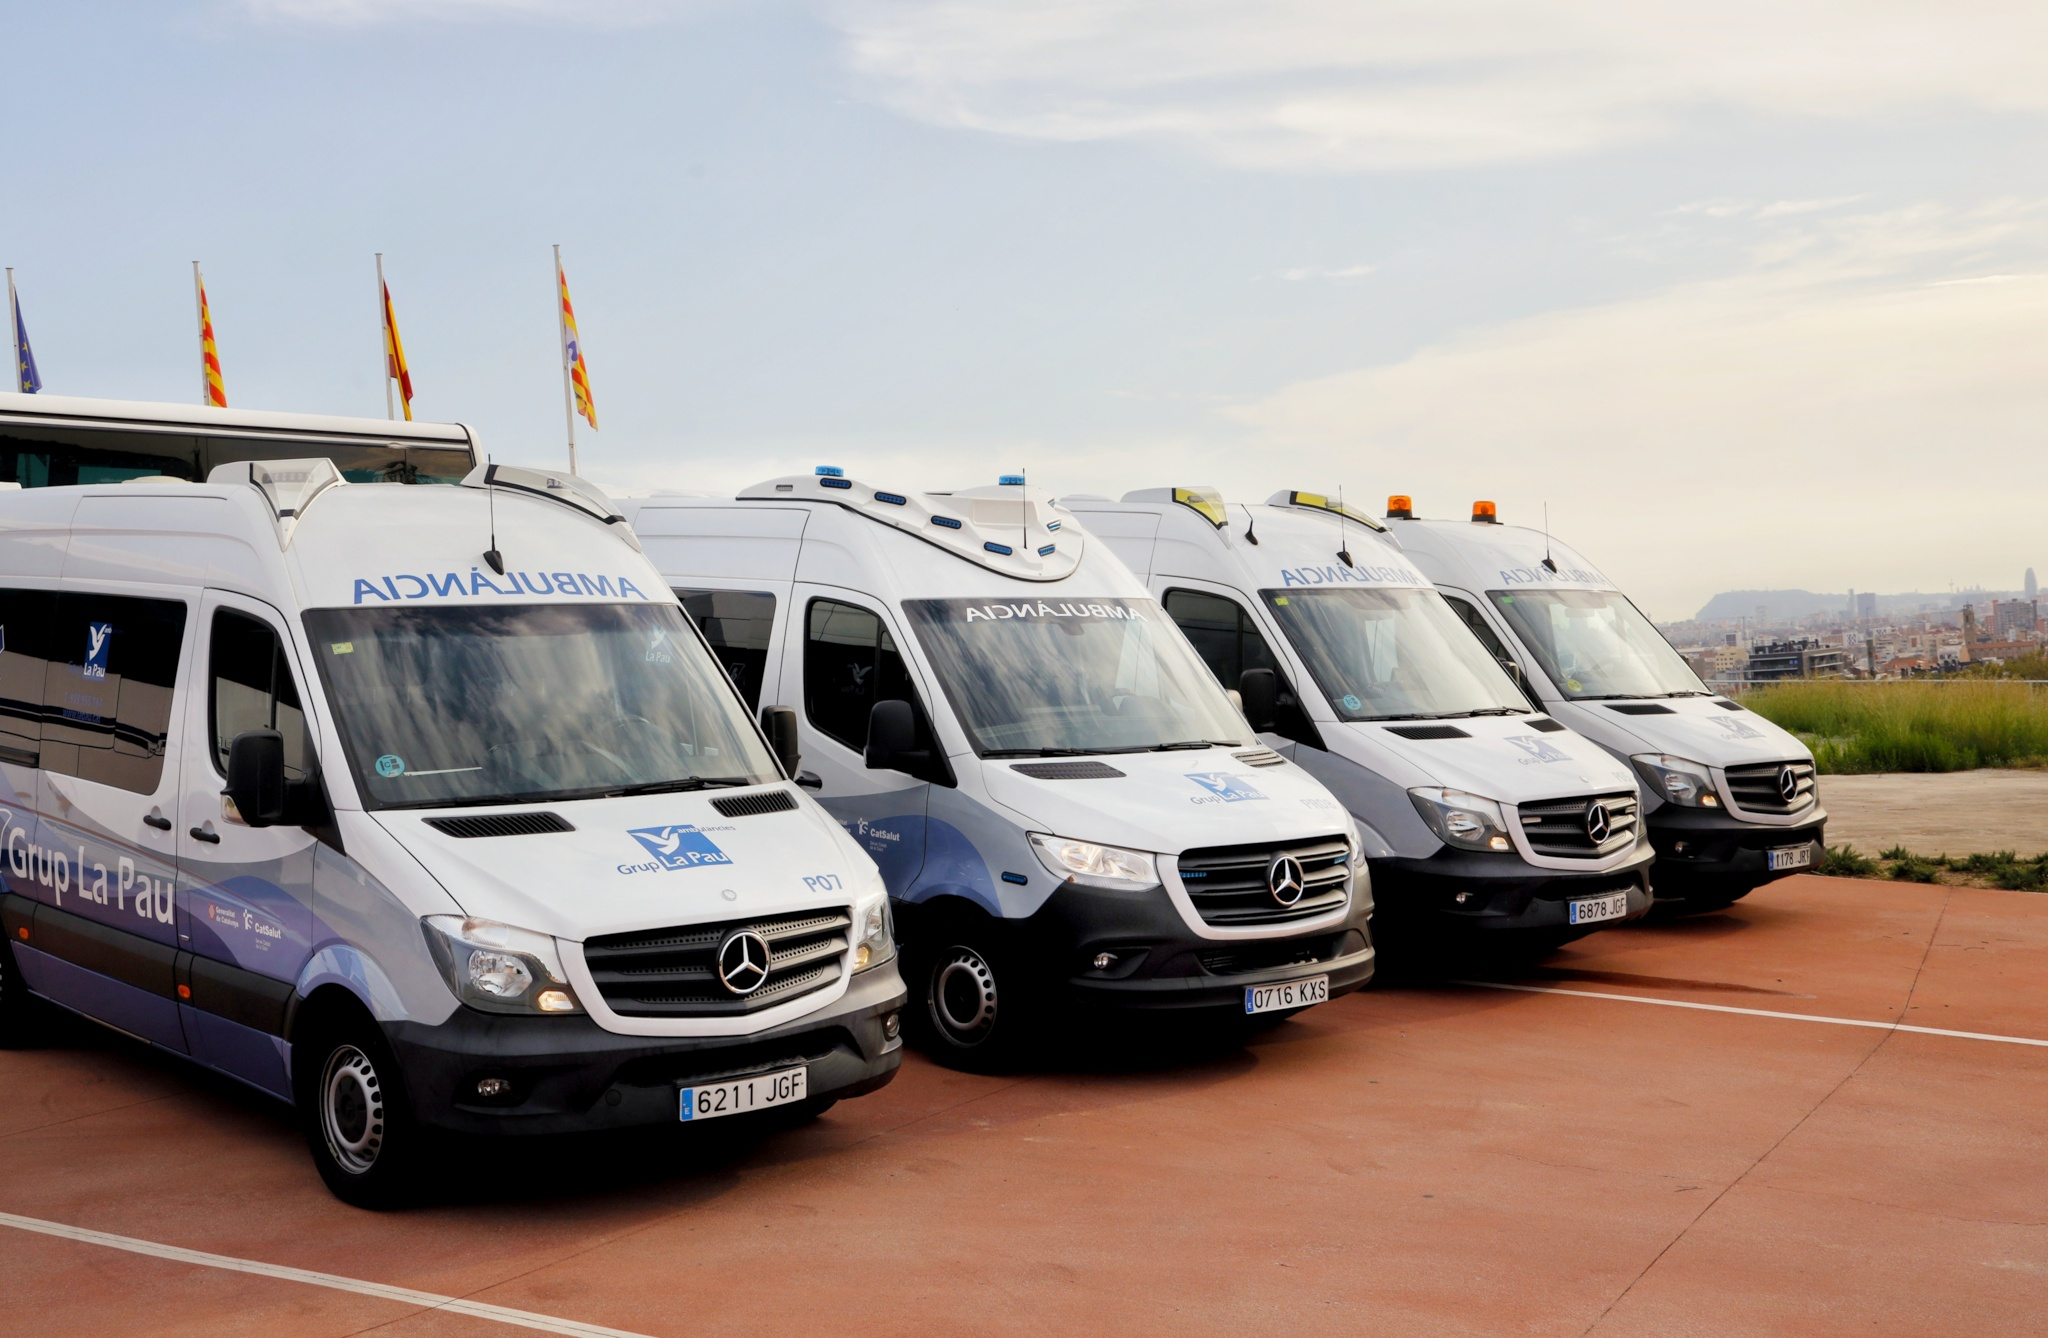 transport sanitari catalunya